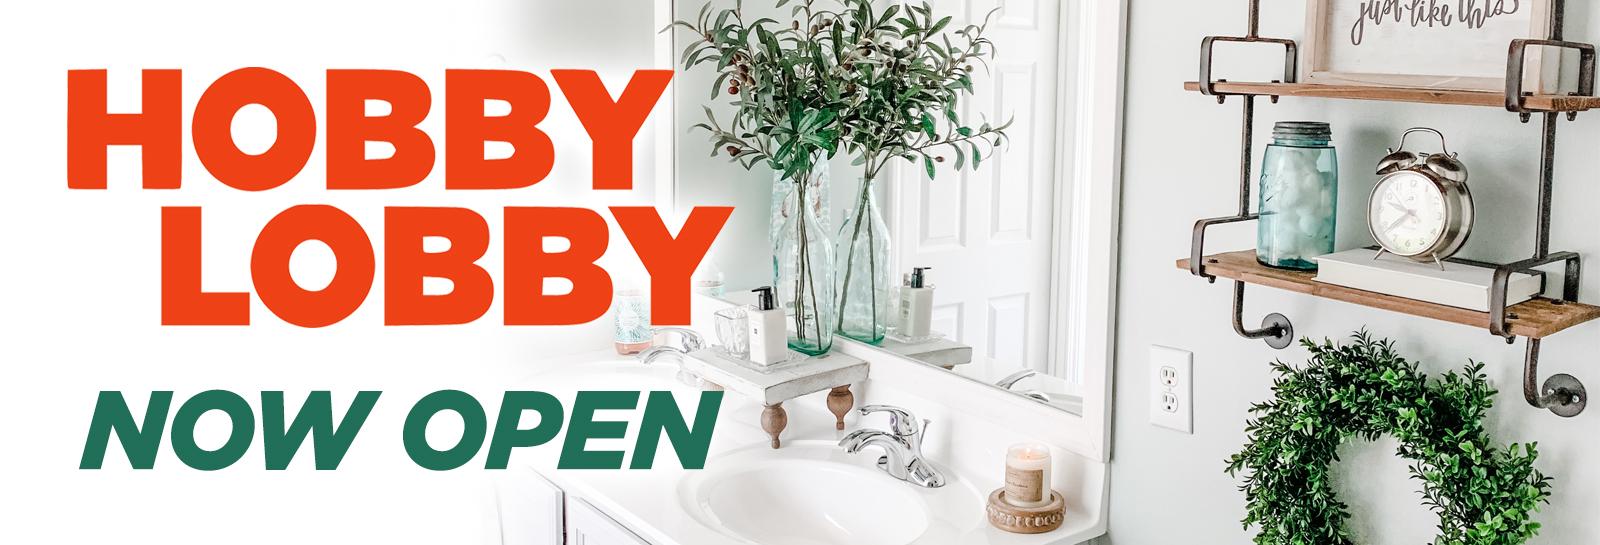 2020 07 23 hobby lobby slider now open